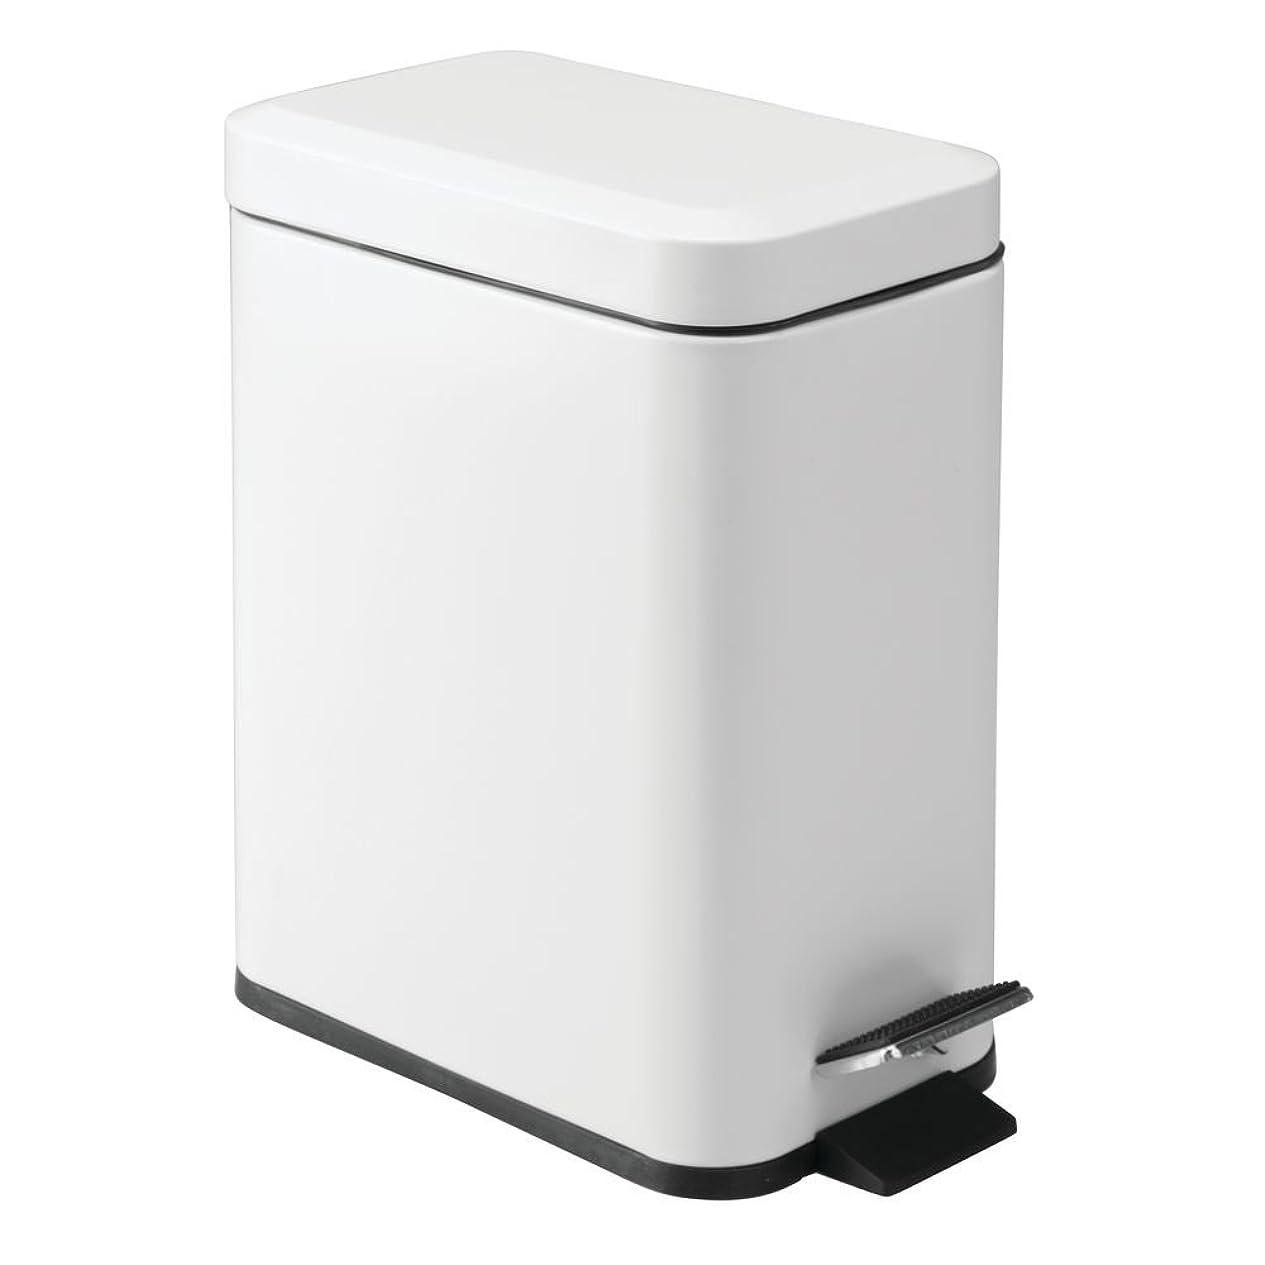 運命ウール解説InterDesign ペダル式ゴミ箱 ホワイト 12.7 x 20.3 x 28 cm 44252EJ